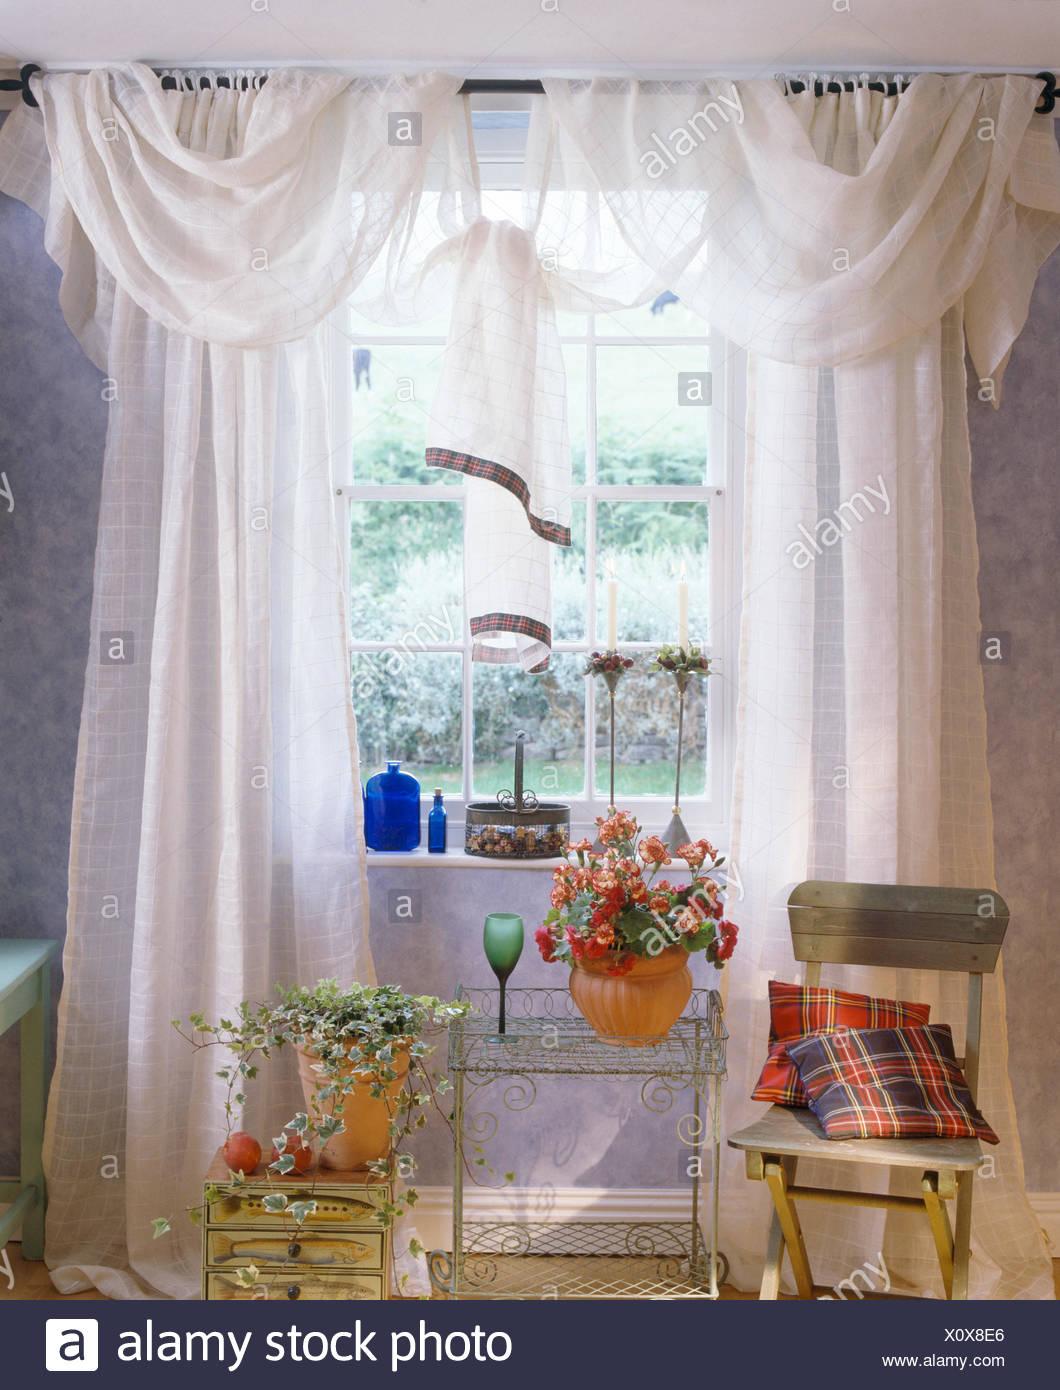 https www alamyimages fr rideaux voile blanc sur la petite fenetre au dessus du treillis metallique table et chaise en bois peint cottage salle a manger image275943310 html